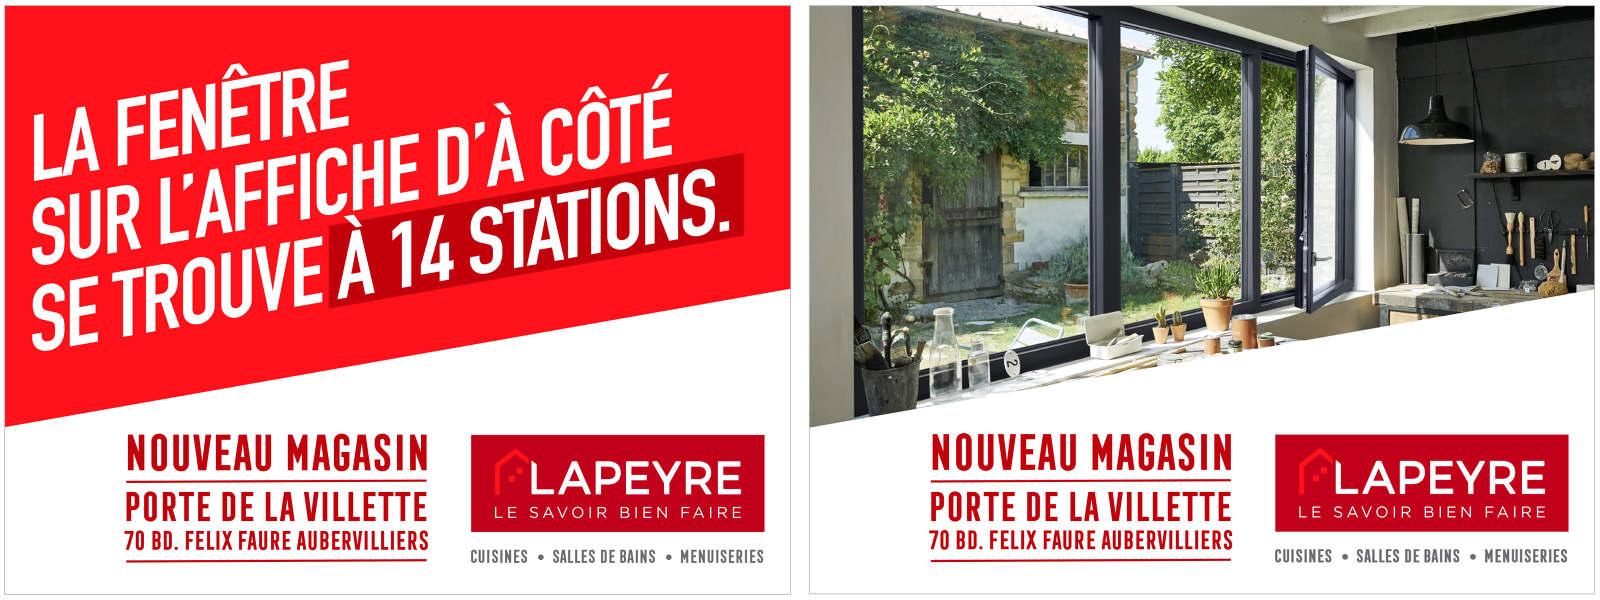 Lapeyre - Jeanne Teissier